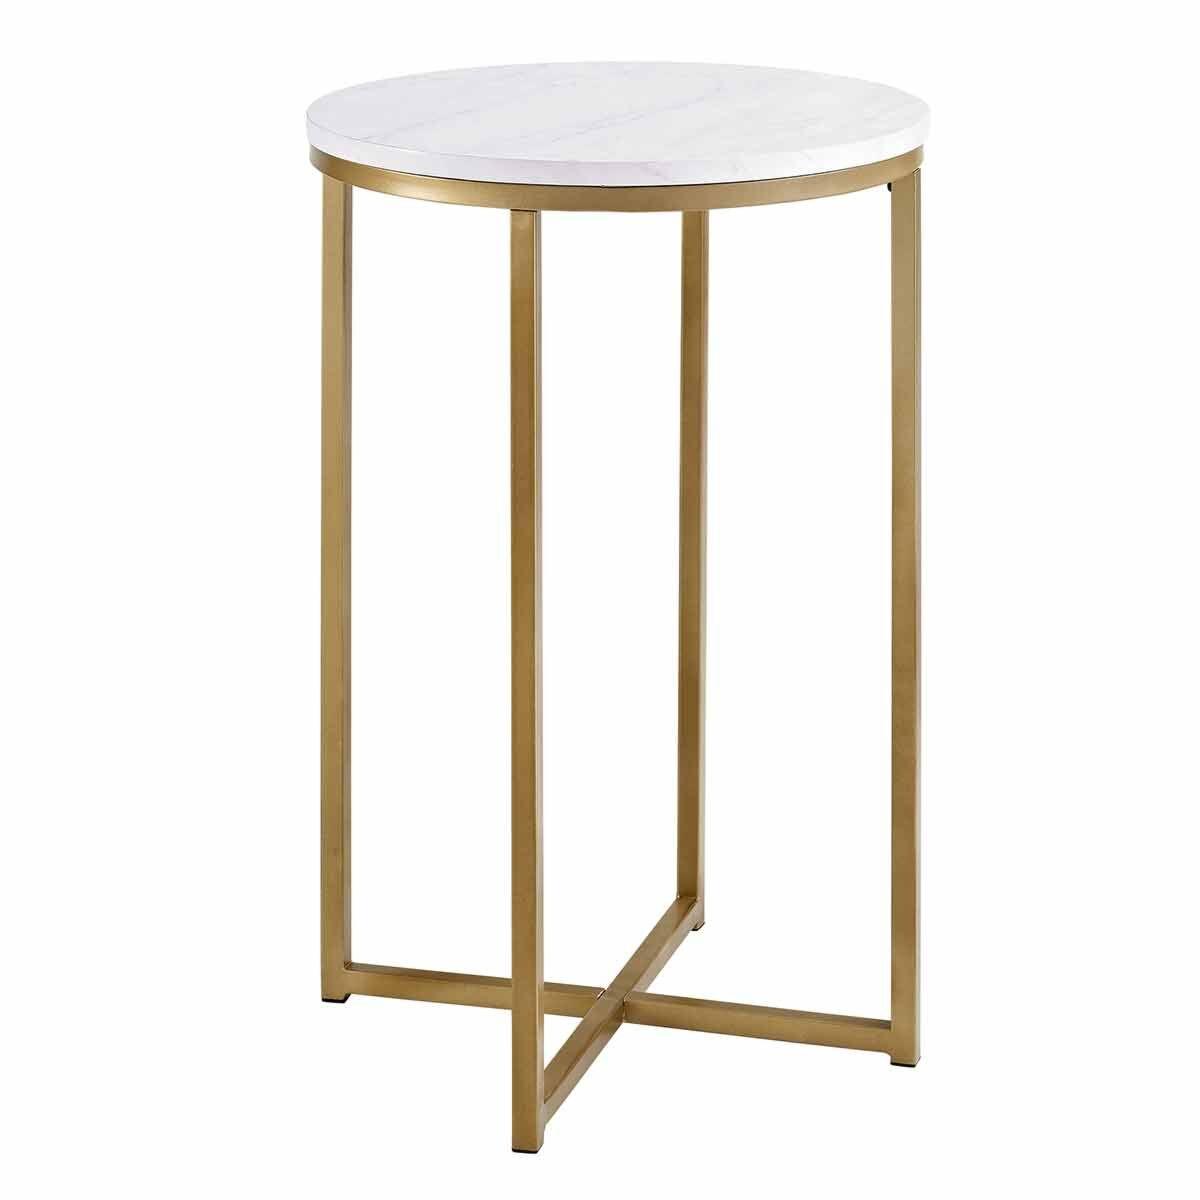 Vigo Glam Round Side Table White Marble